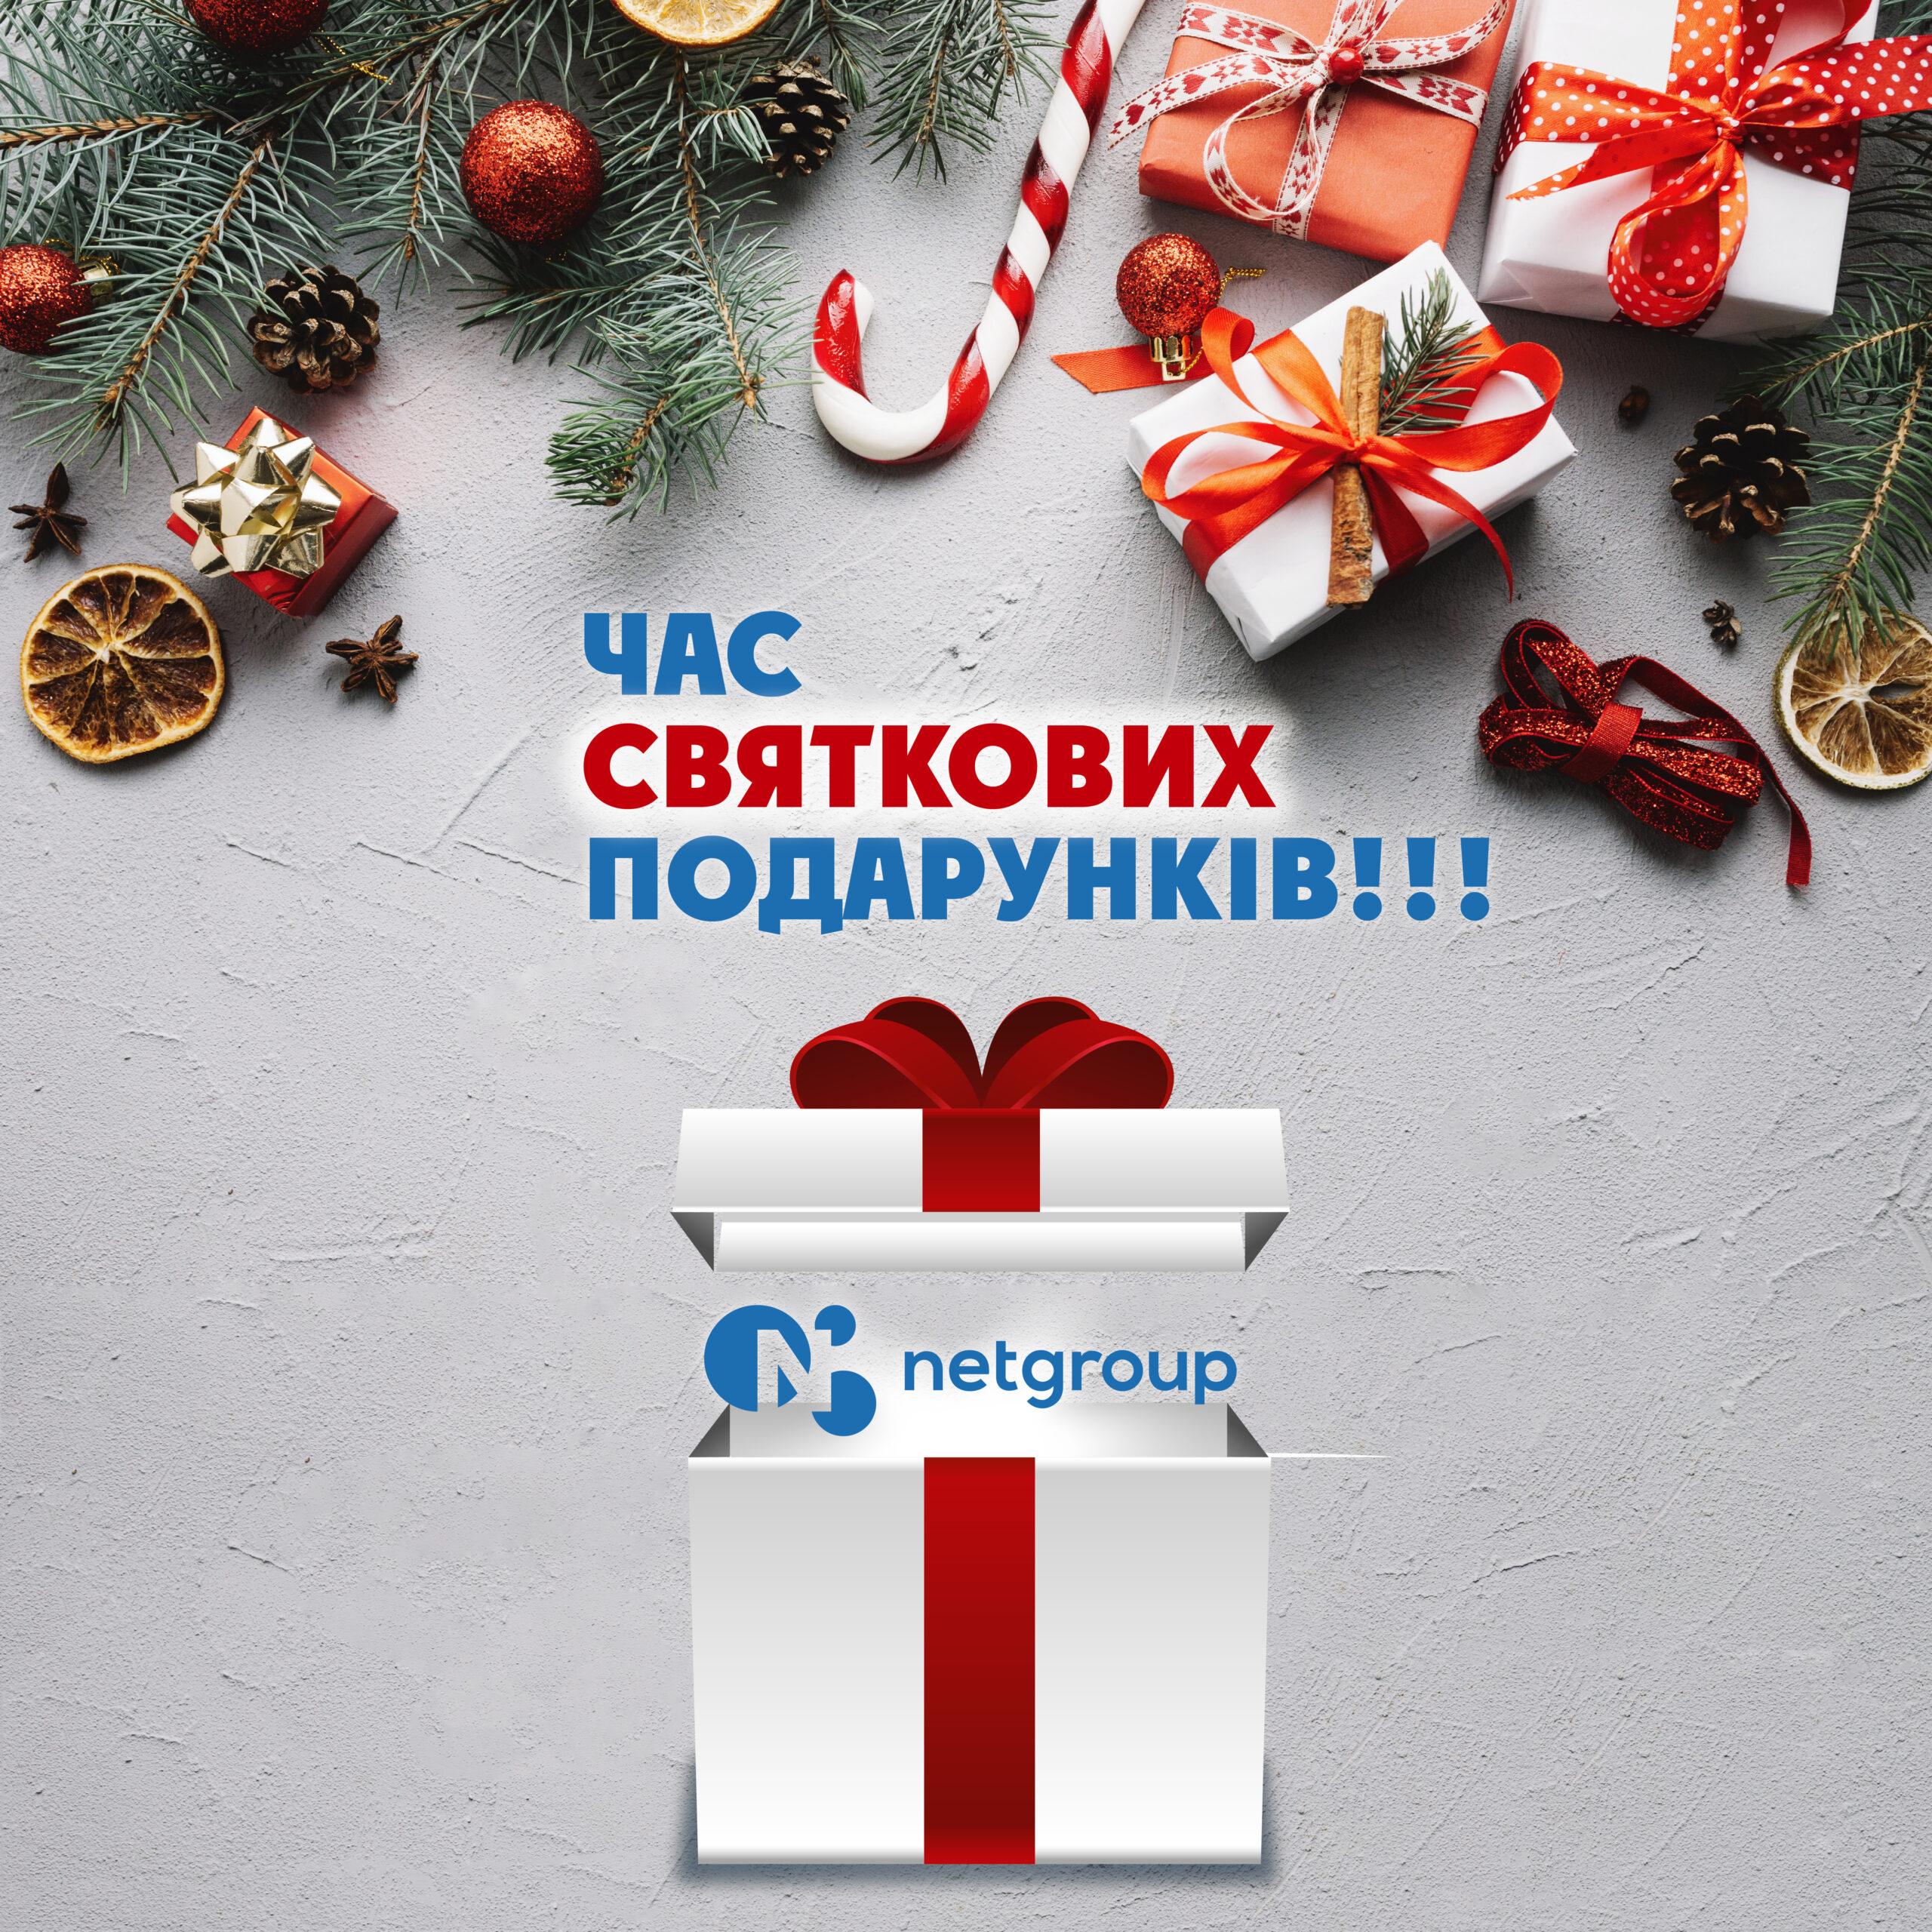 Прийшла пора святкових подарунків від Netgroup